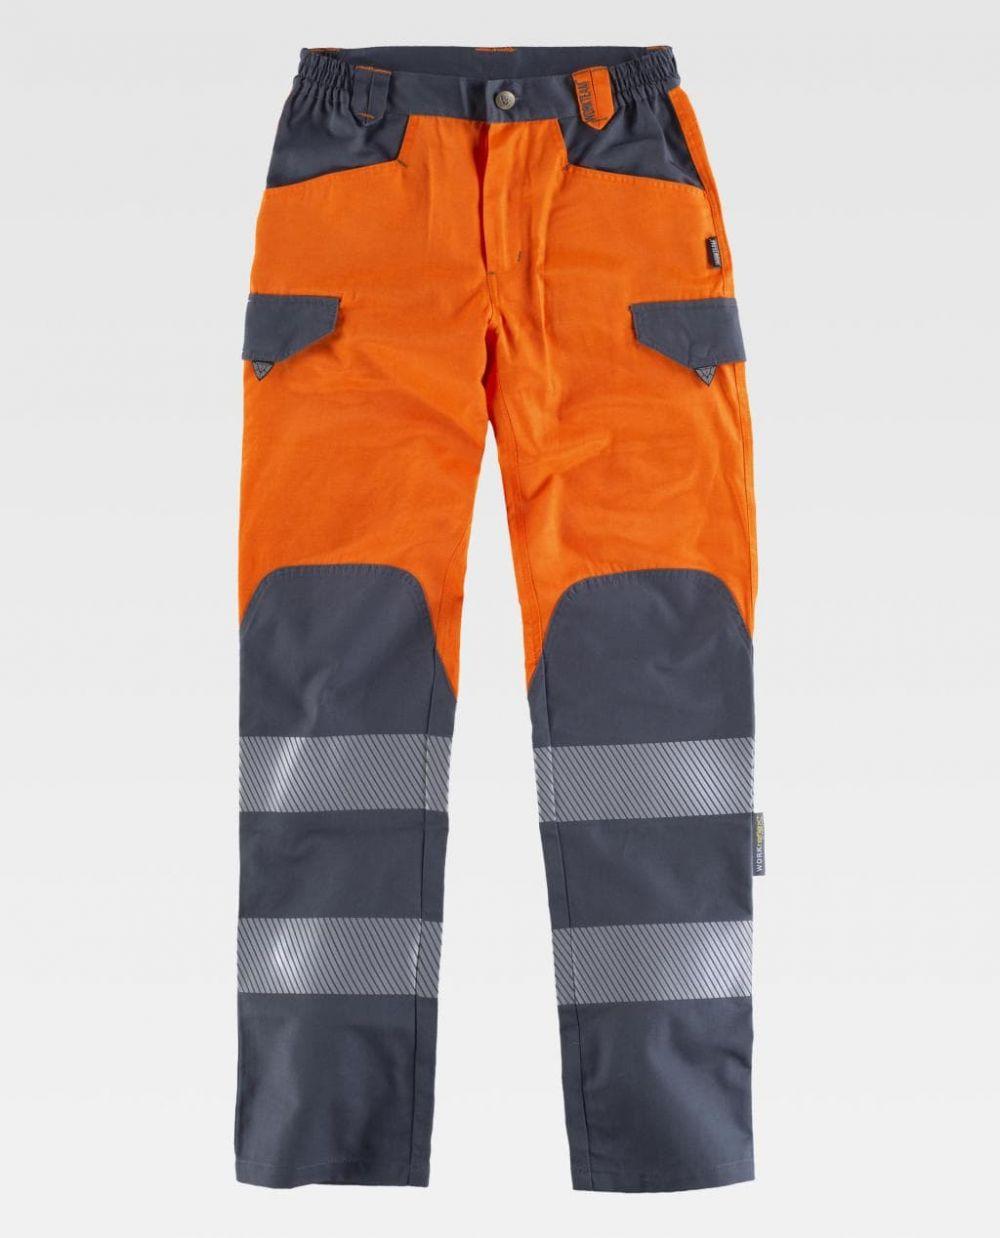 Pantalones reflectantes workteam combinado alta visibilidad de poliéster para personalizar vista 1